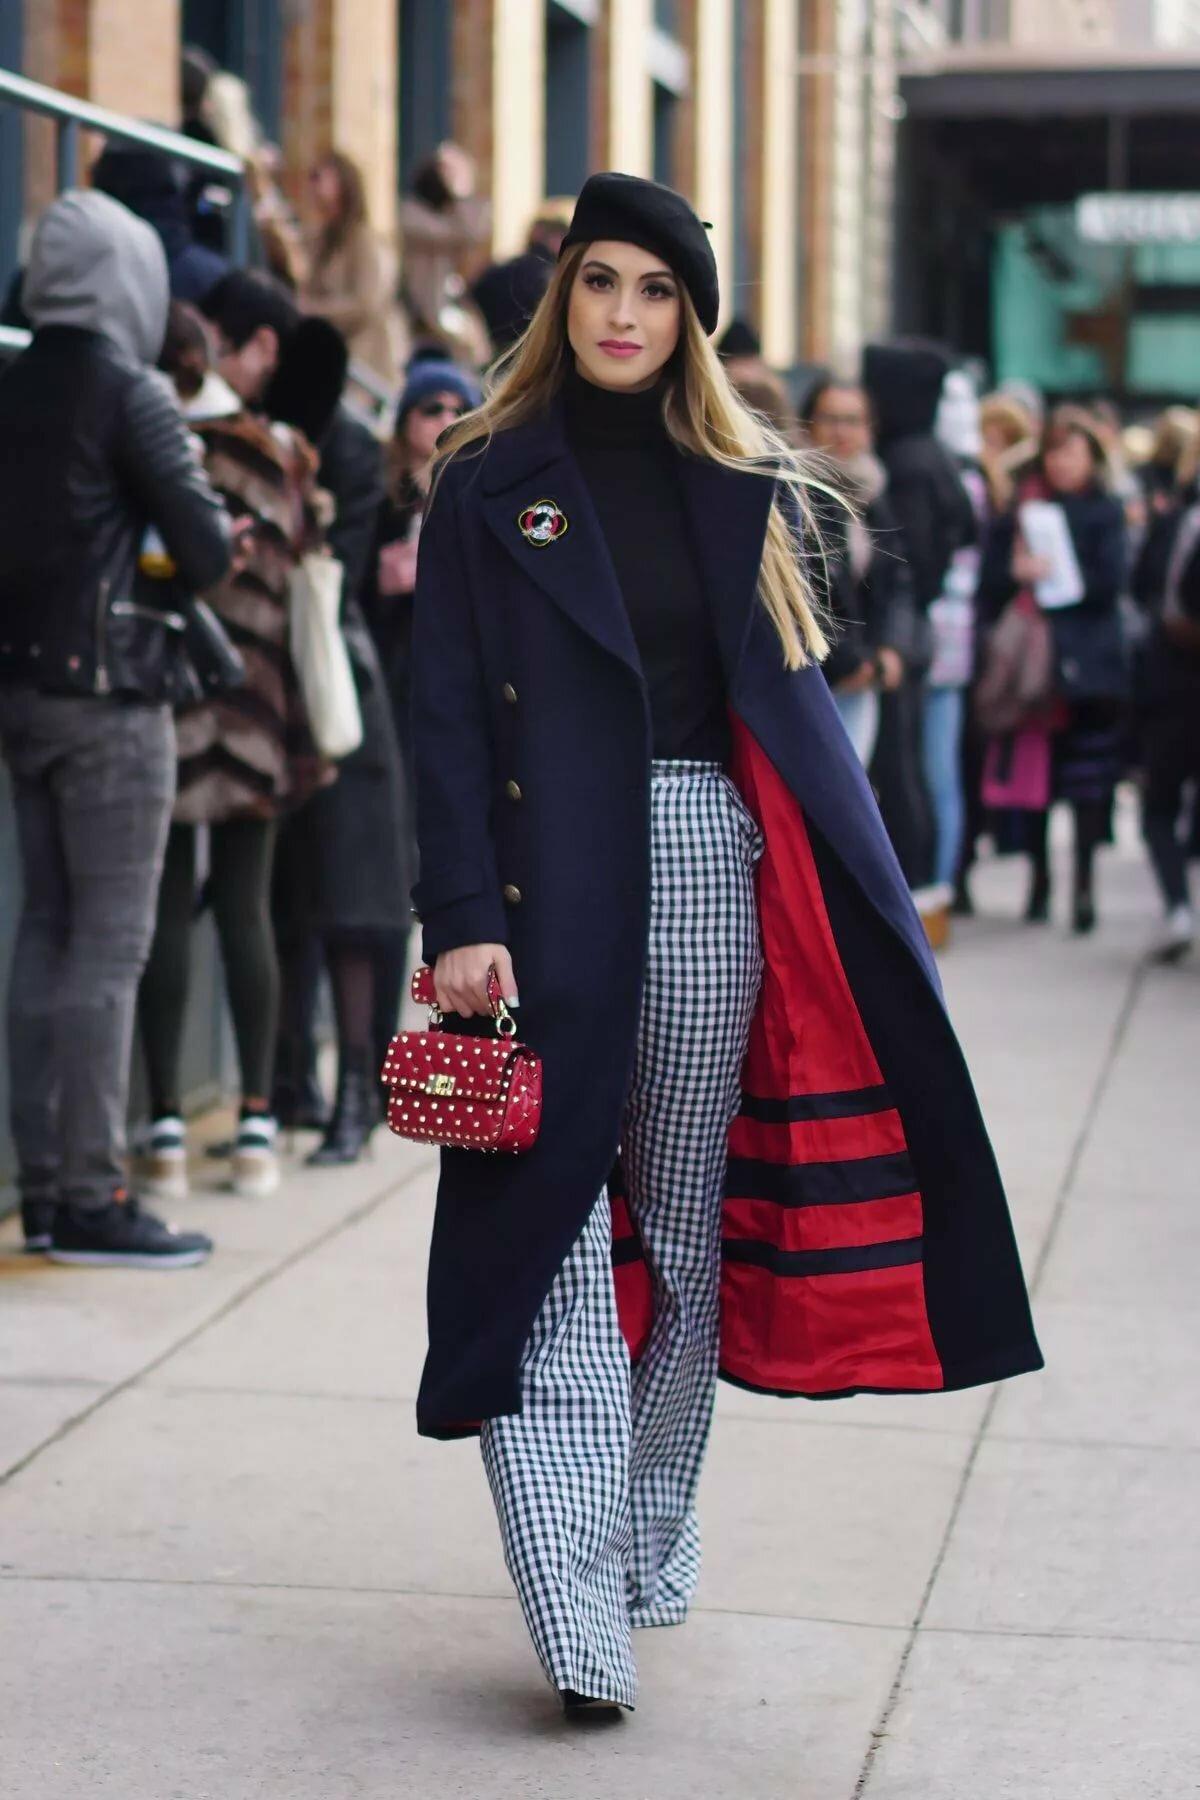 современная мода франции фото нашей статье найдете